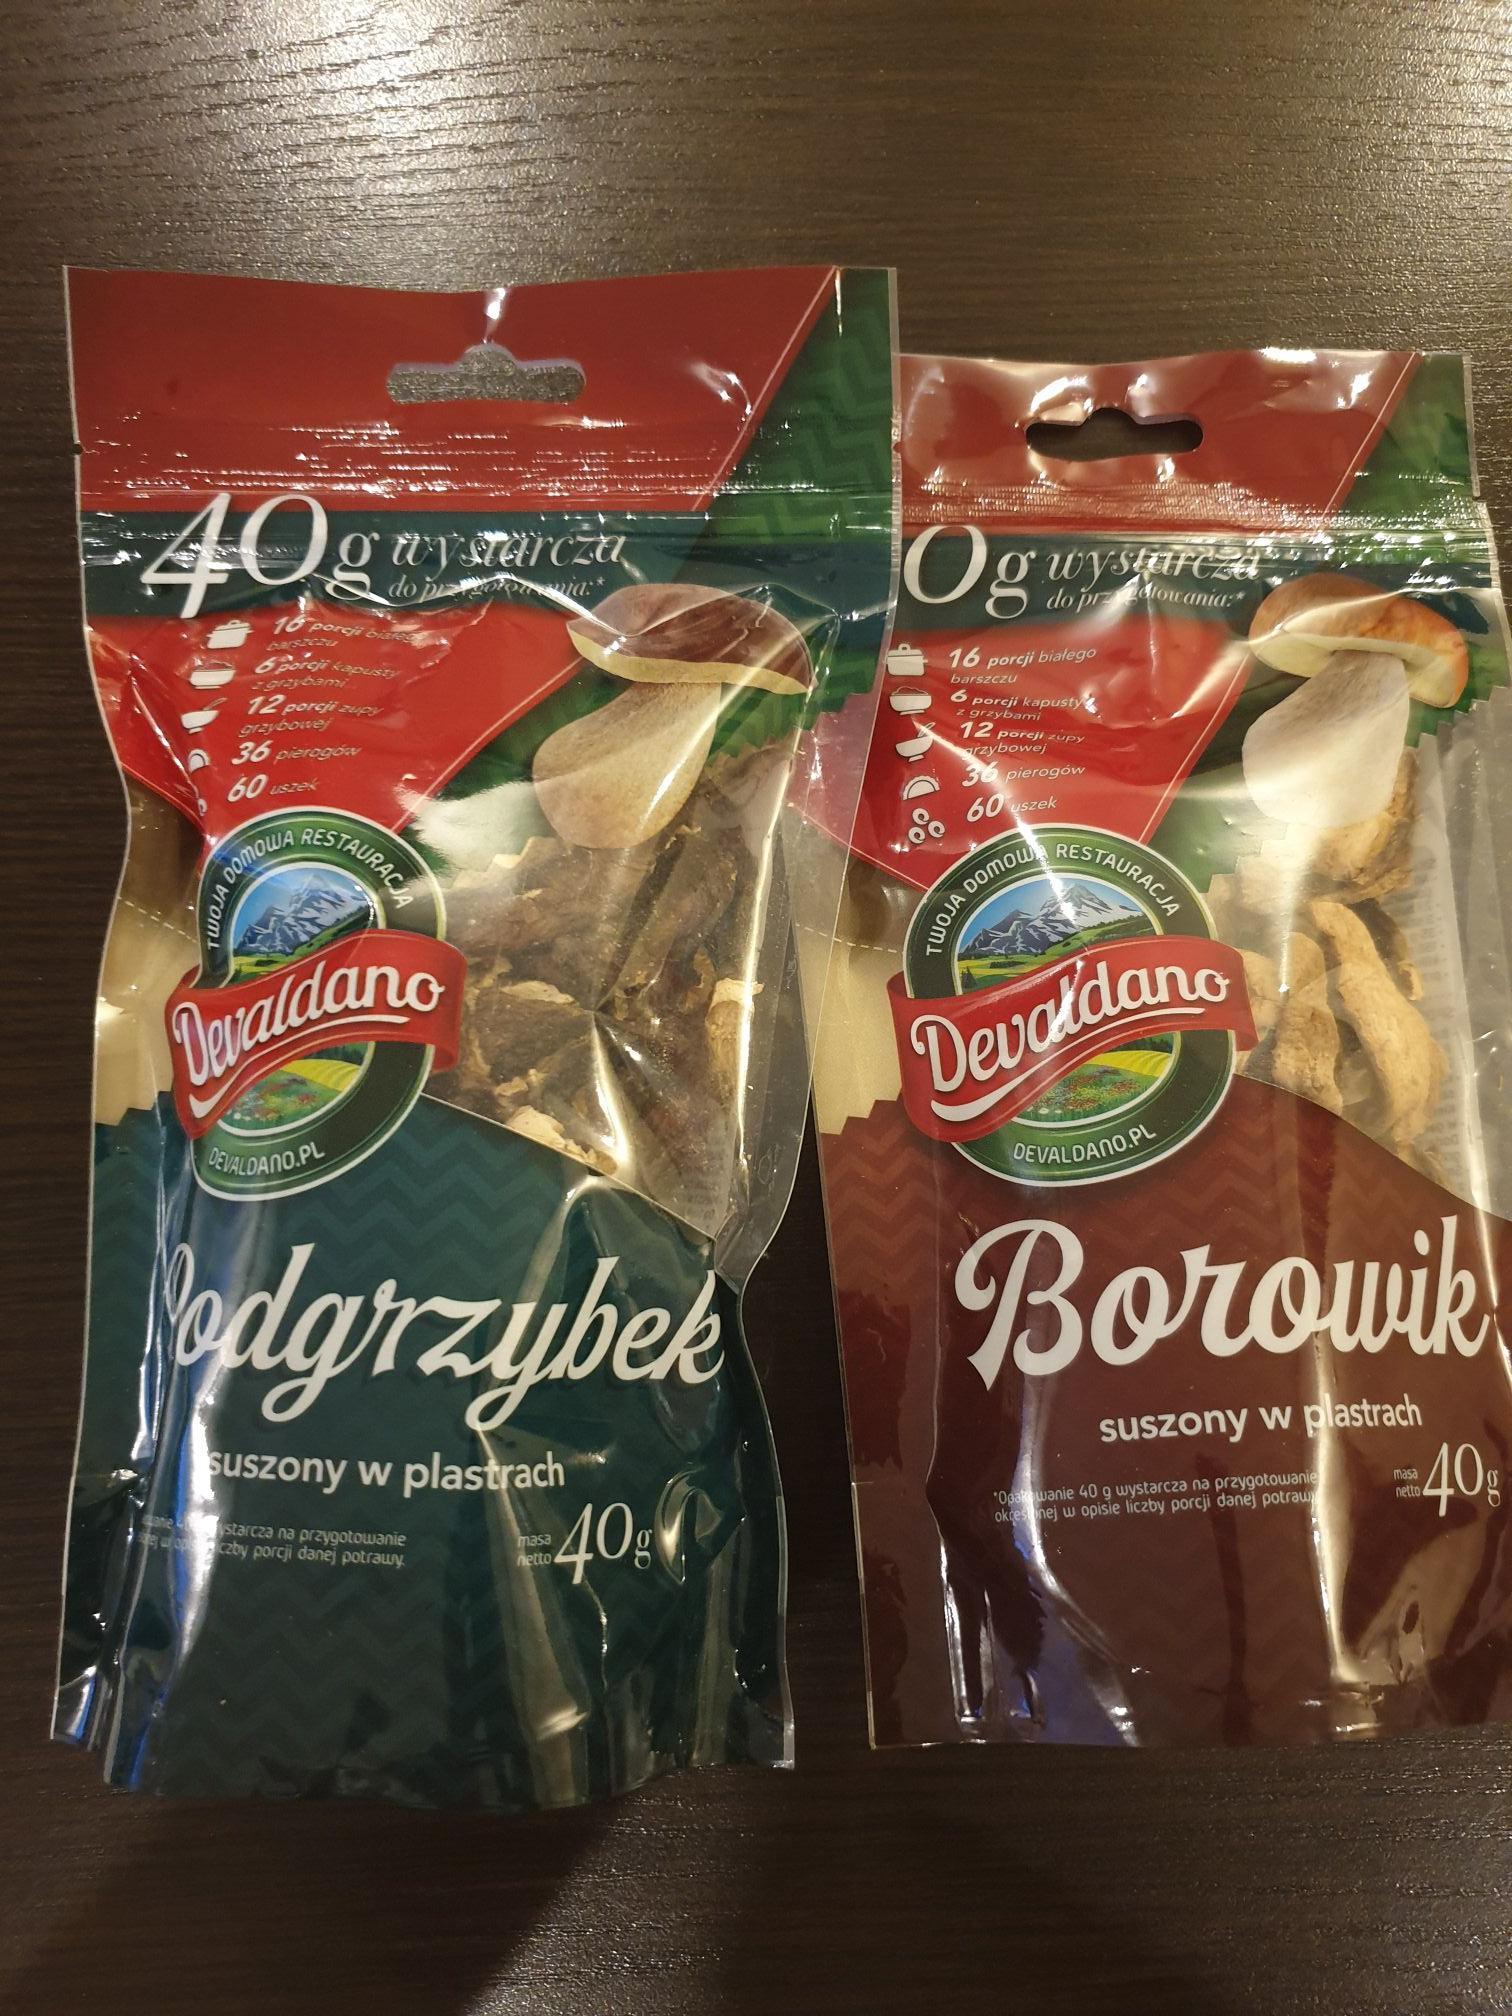 Lidl - Suszone borowiki lub podgrzybki